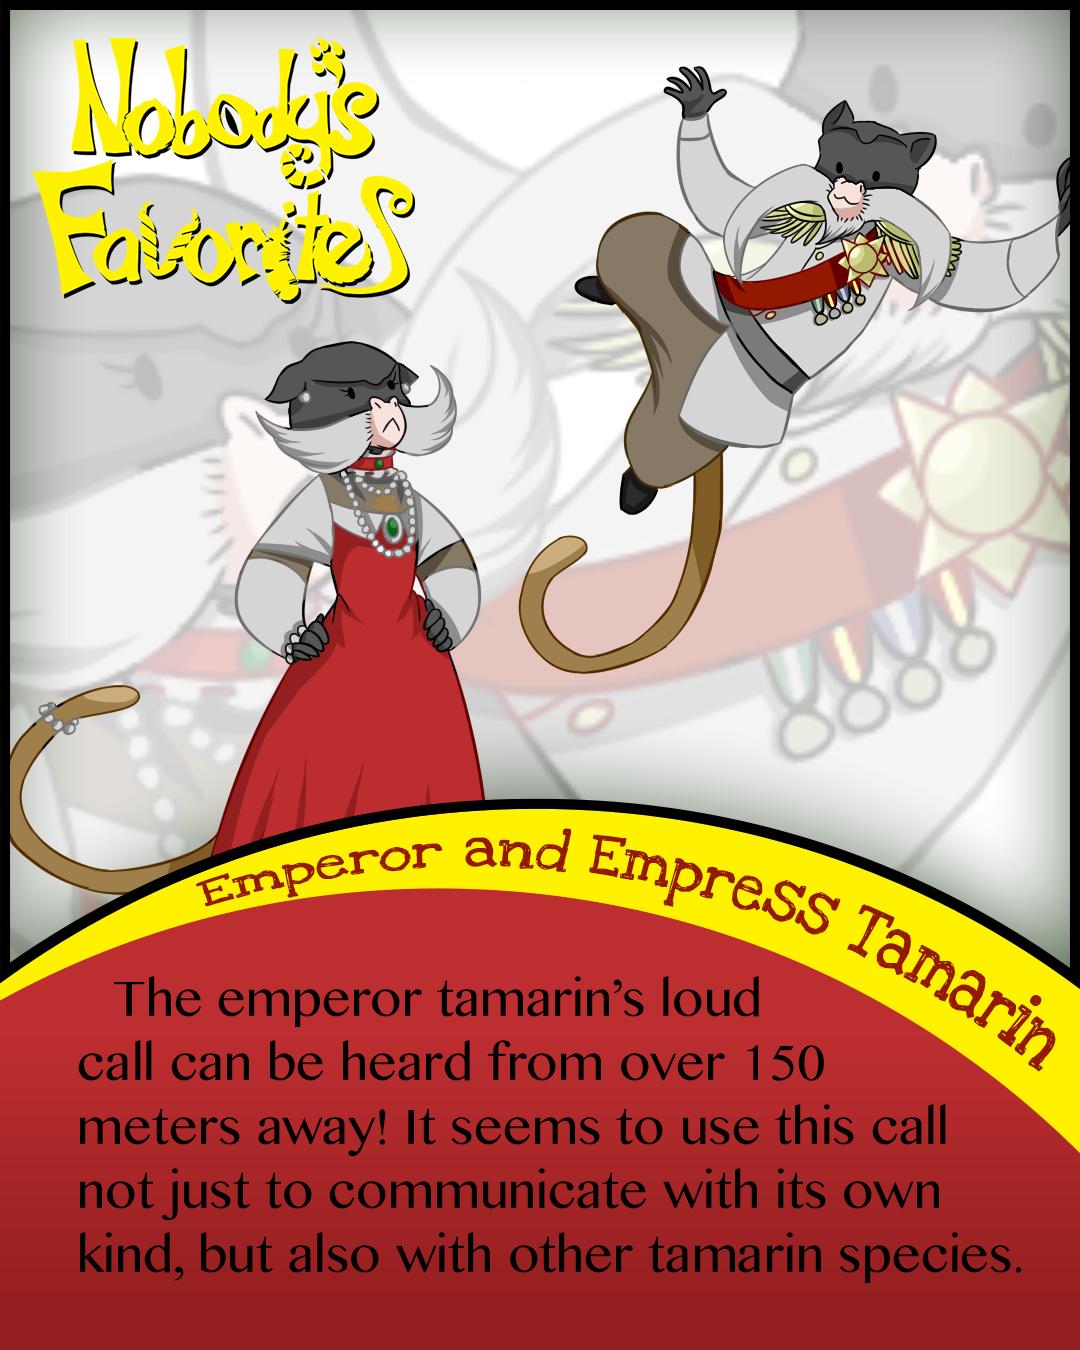 Emperor Tamarin - Fact 3